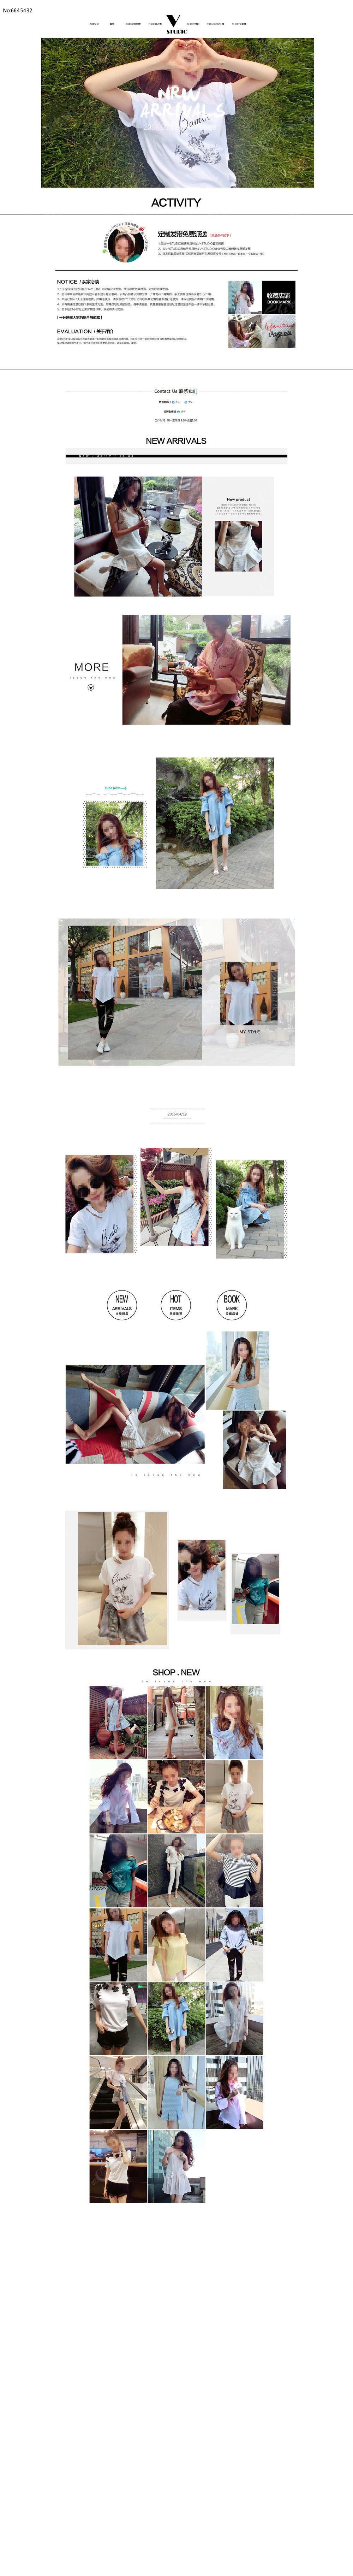 女装简约风格淘宝首页板式设计PSD分层图片